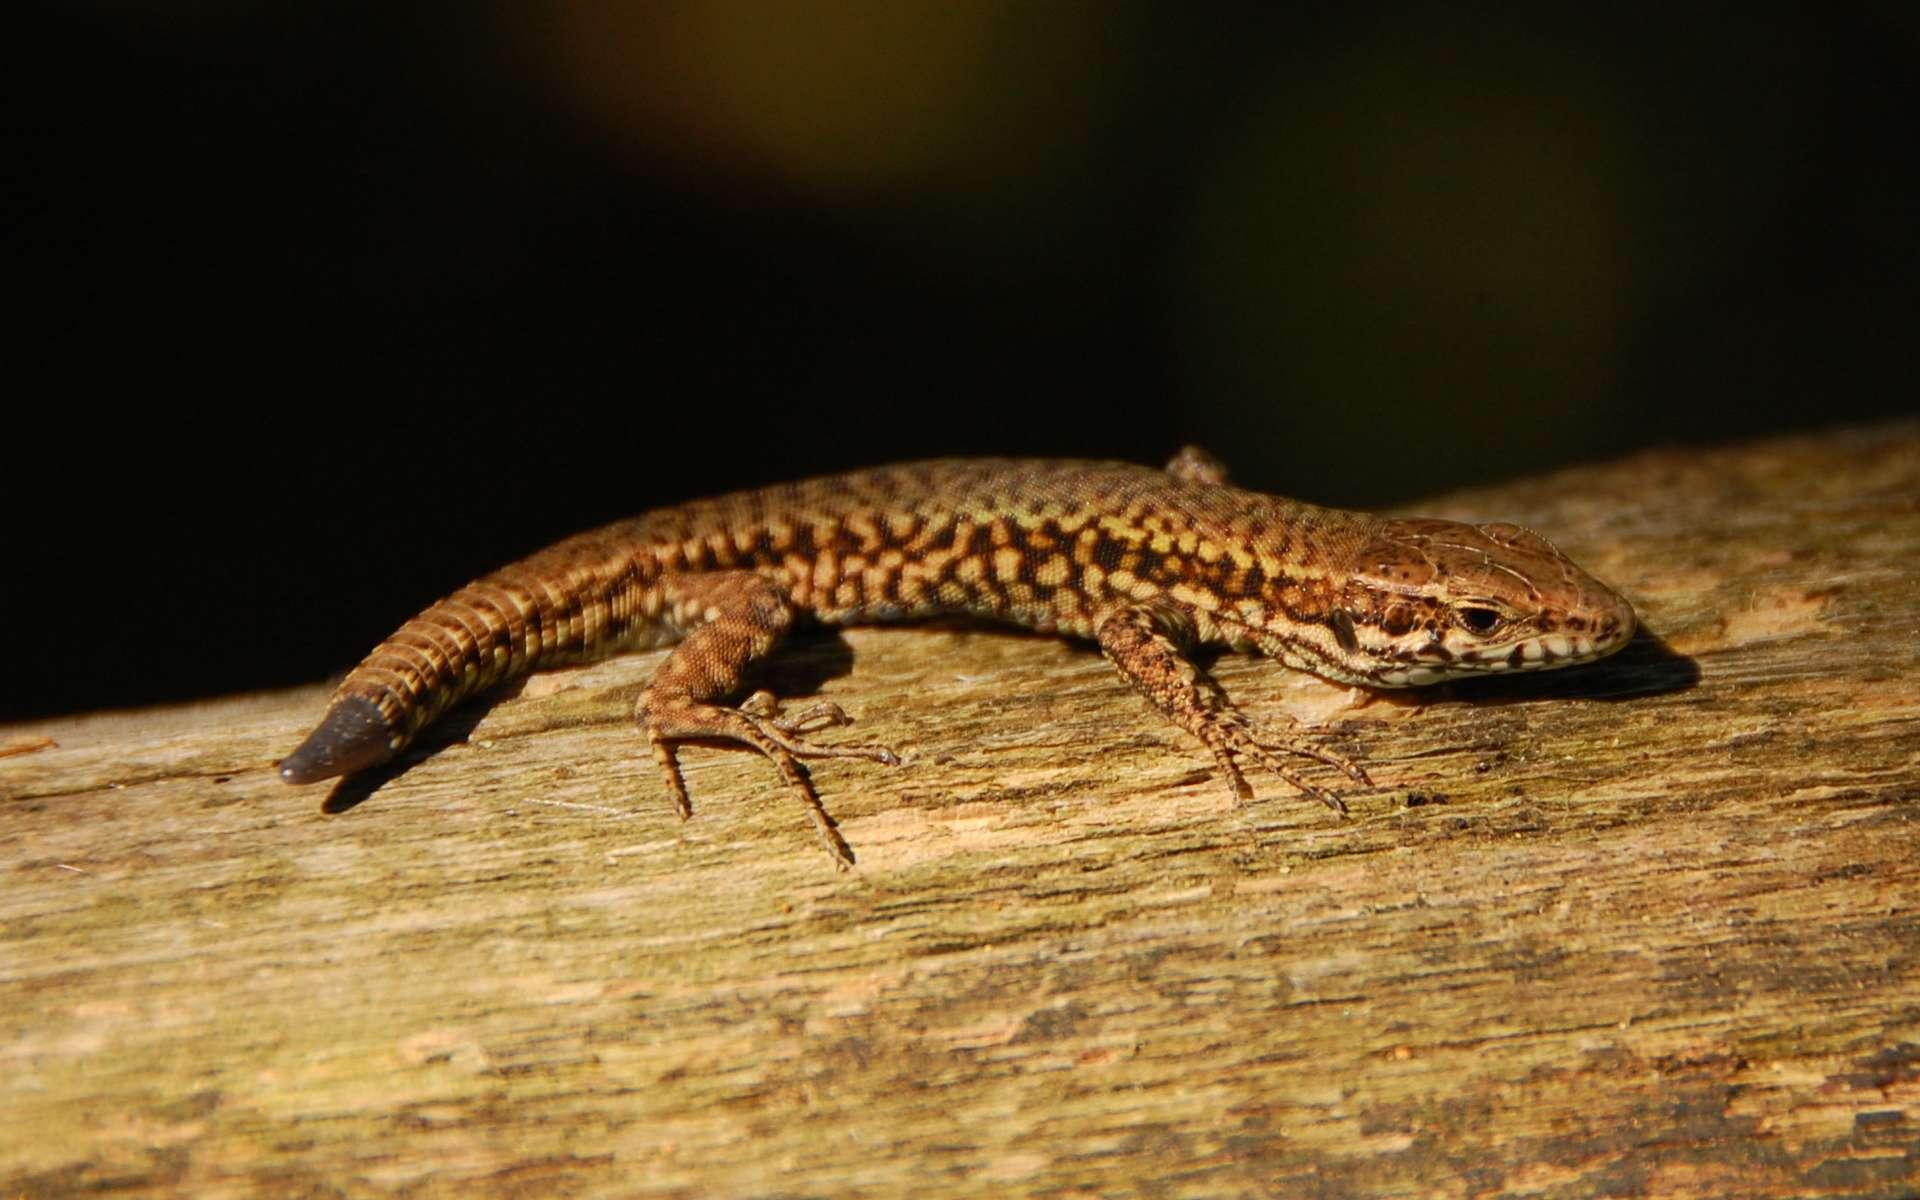 Les lézards peuvent régénérer leur queue après l'avoir perdue par autotomie. Bien souvent, l'organe abandonné est doté d'une vie propre durant plusieurs minutes, pour leurrer le prédateur. © gaikokujinkun, Flickr, CC by 2.0